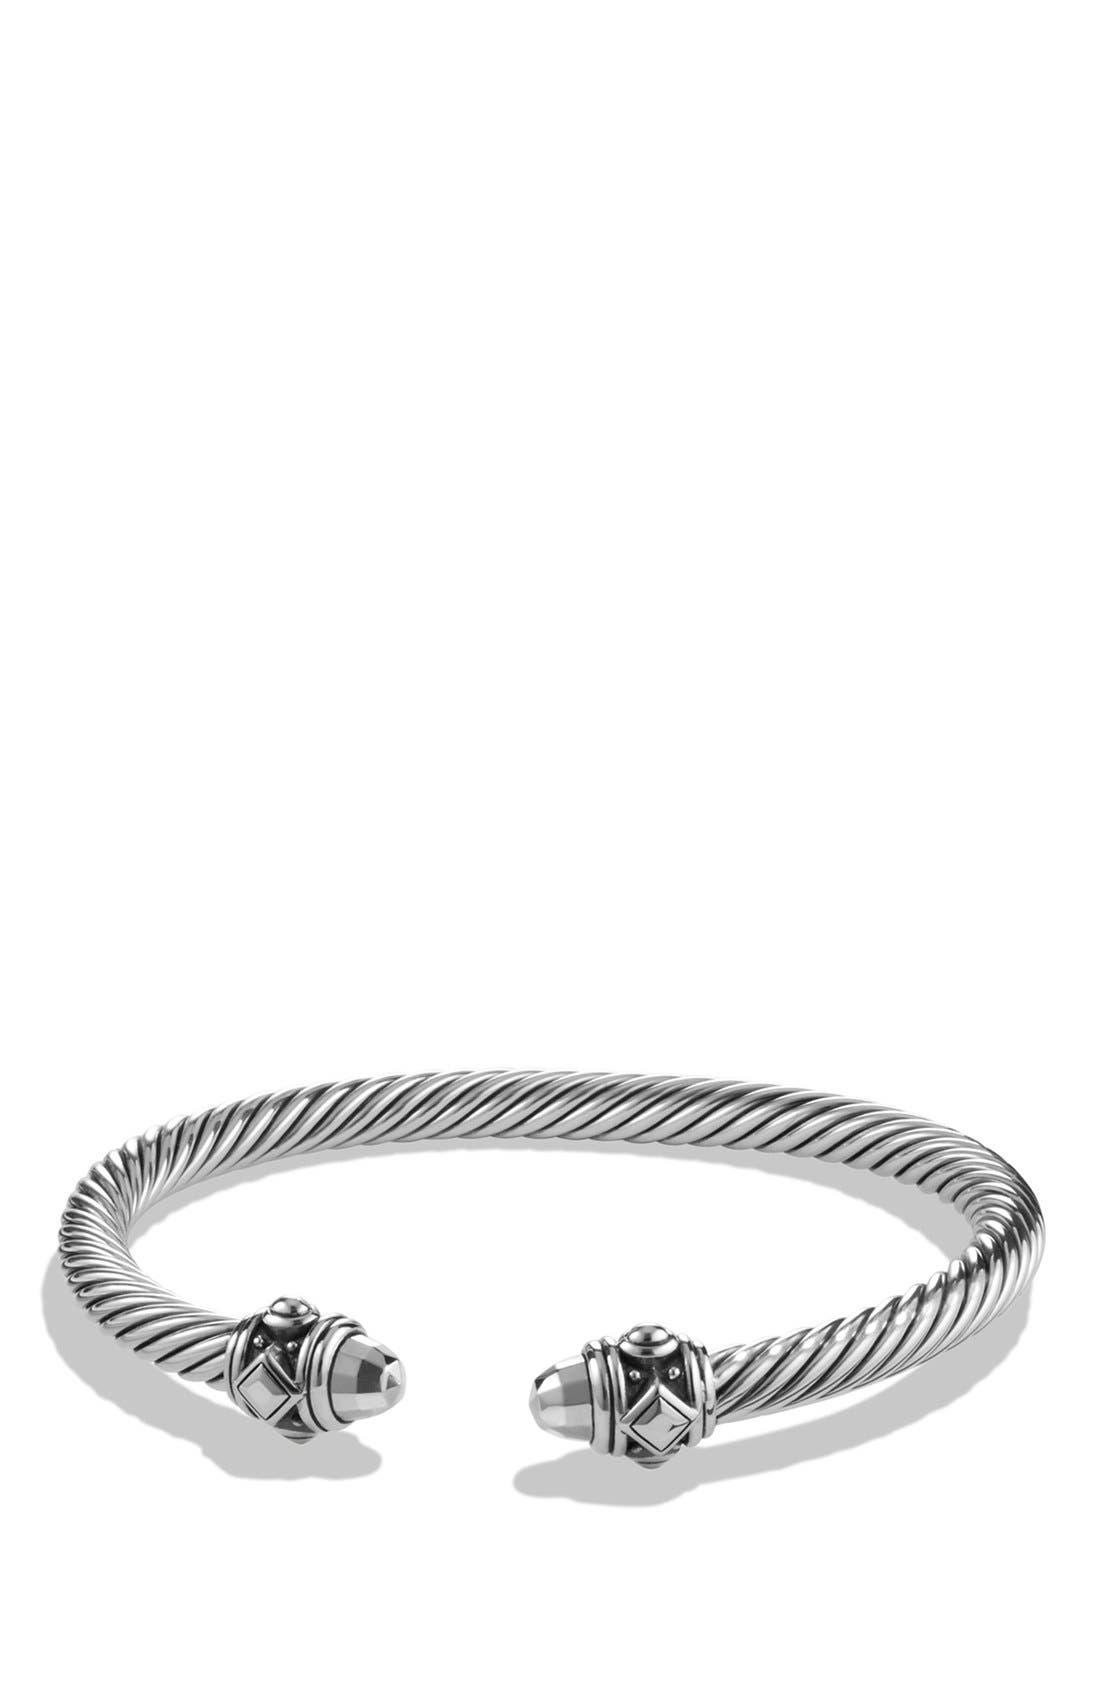 'Renaissance' Bracelet, 5mm,                             Main thumbnail 1, color,                             SILVER